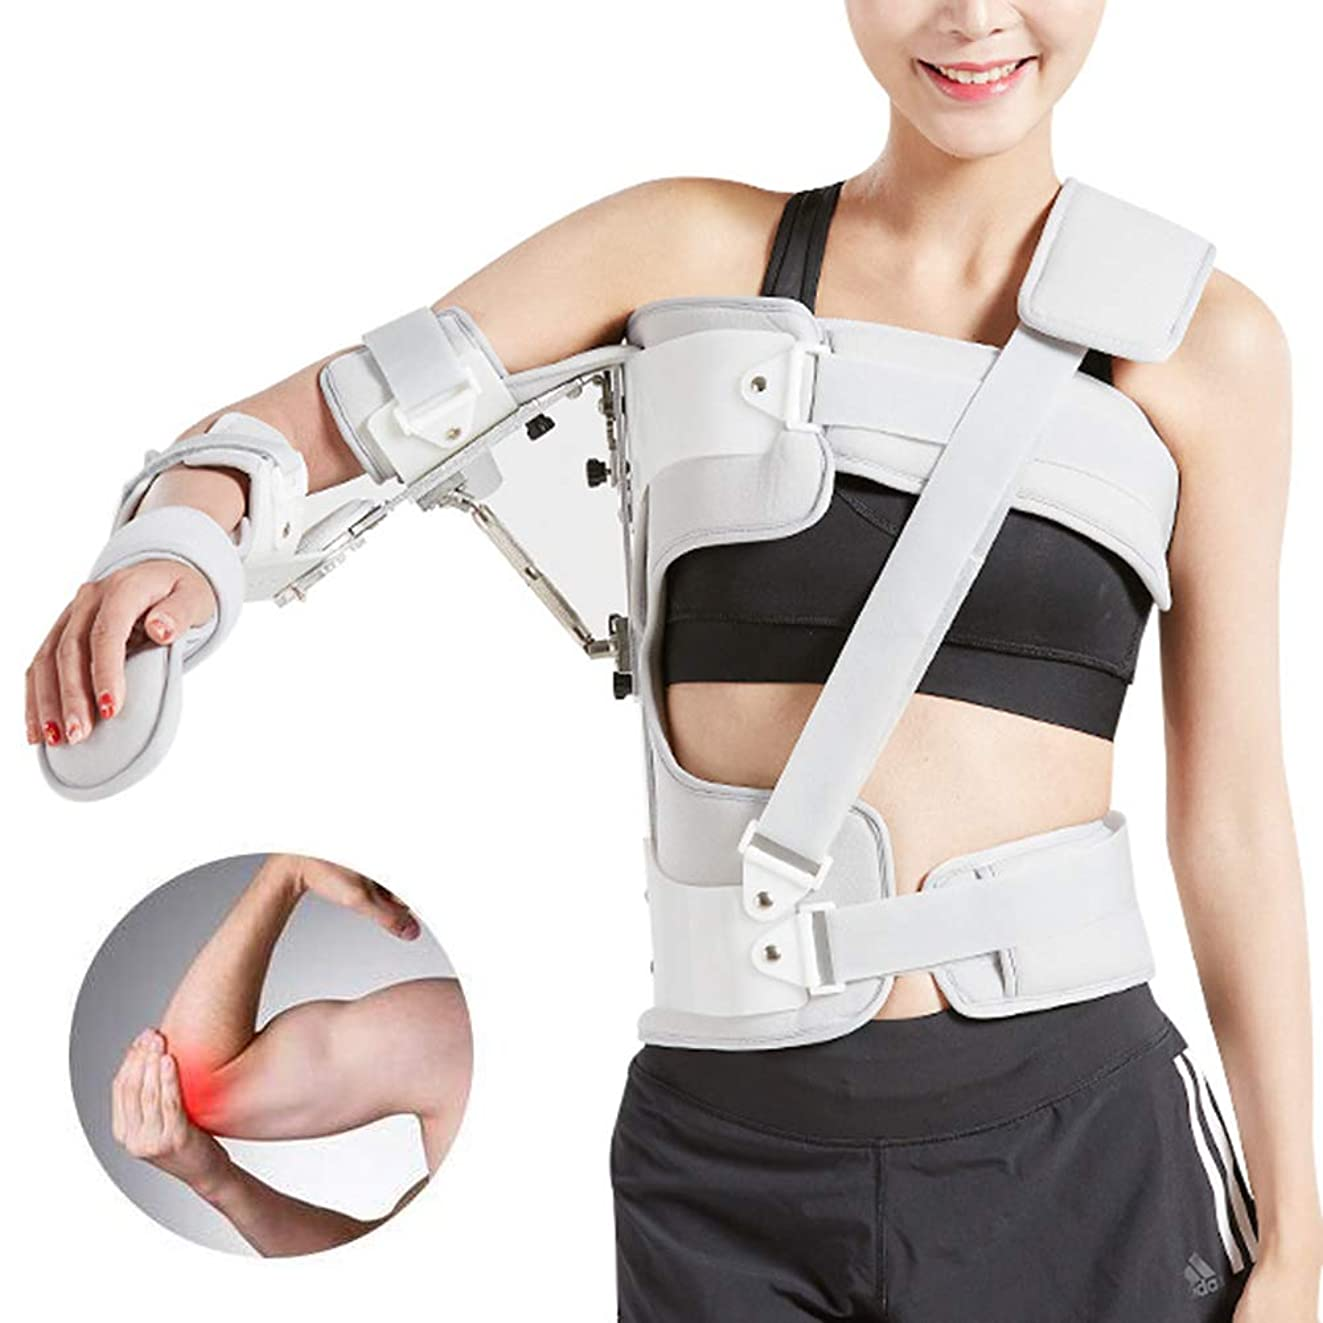 退化するボット問い合わせる調節可能なアームスリング外転枕骨折肘サポートブレース、傷害回復アーム固定、転位回旋腱板滑液包炎腱炎、ワンサイズ - ユニセックス